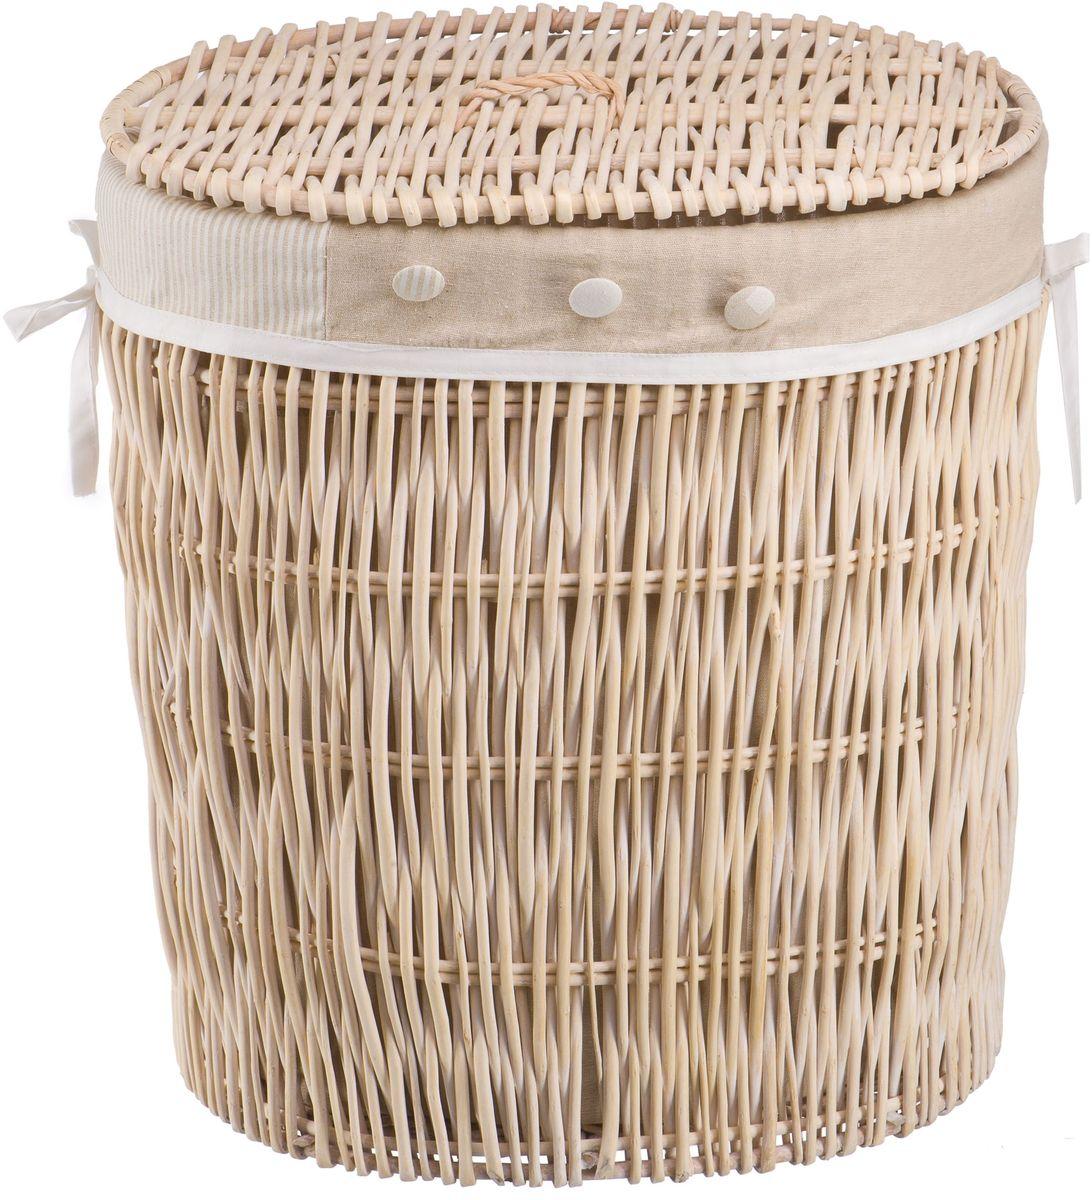 Корзина для белья Natural House Пуговка, цвет: молочный, 51 х 40 х 54 смEW-21 LБельевая корзина Natural House из лозы ивы не только удобна, практична, но и прекрасно выглядит. Высокое качество и натуральные материалы гармонично сочетаются и создают в доме уют и теплое настроение.В комплекте с корзиной идет съемный чехол, который легко снимается и стирается.